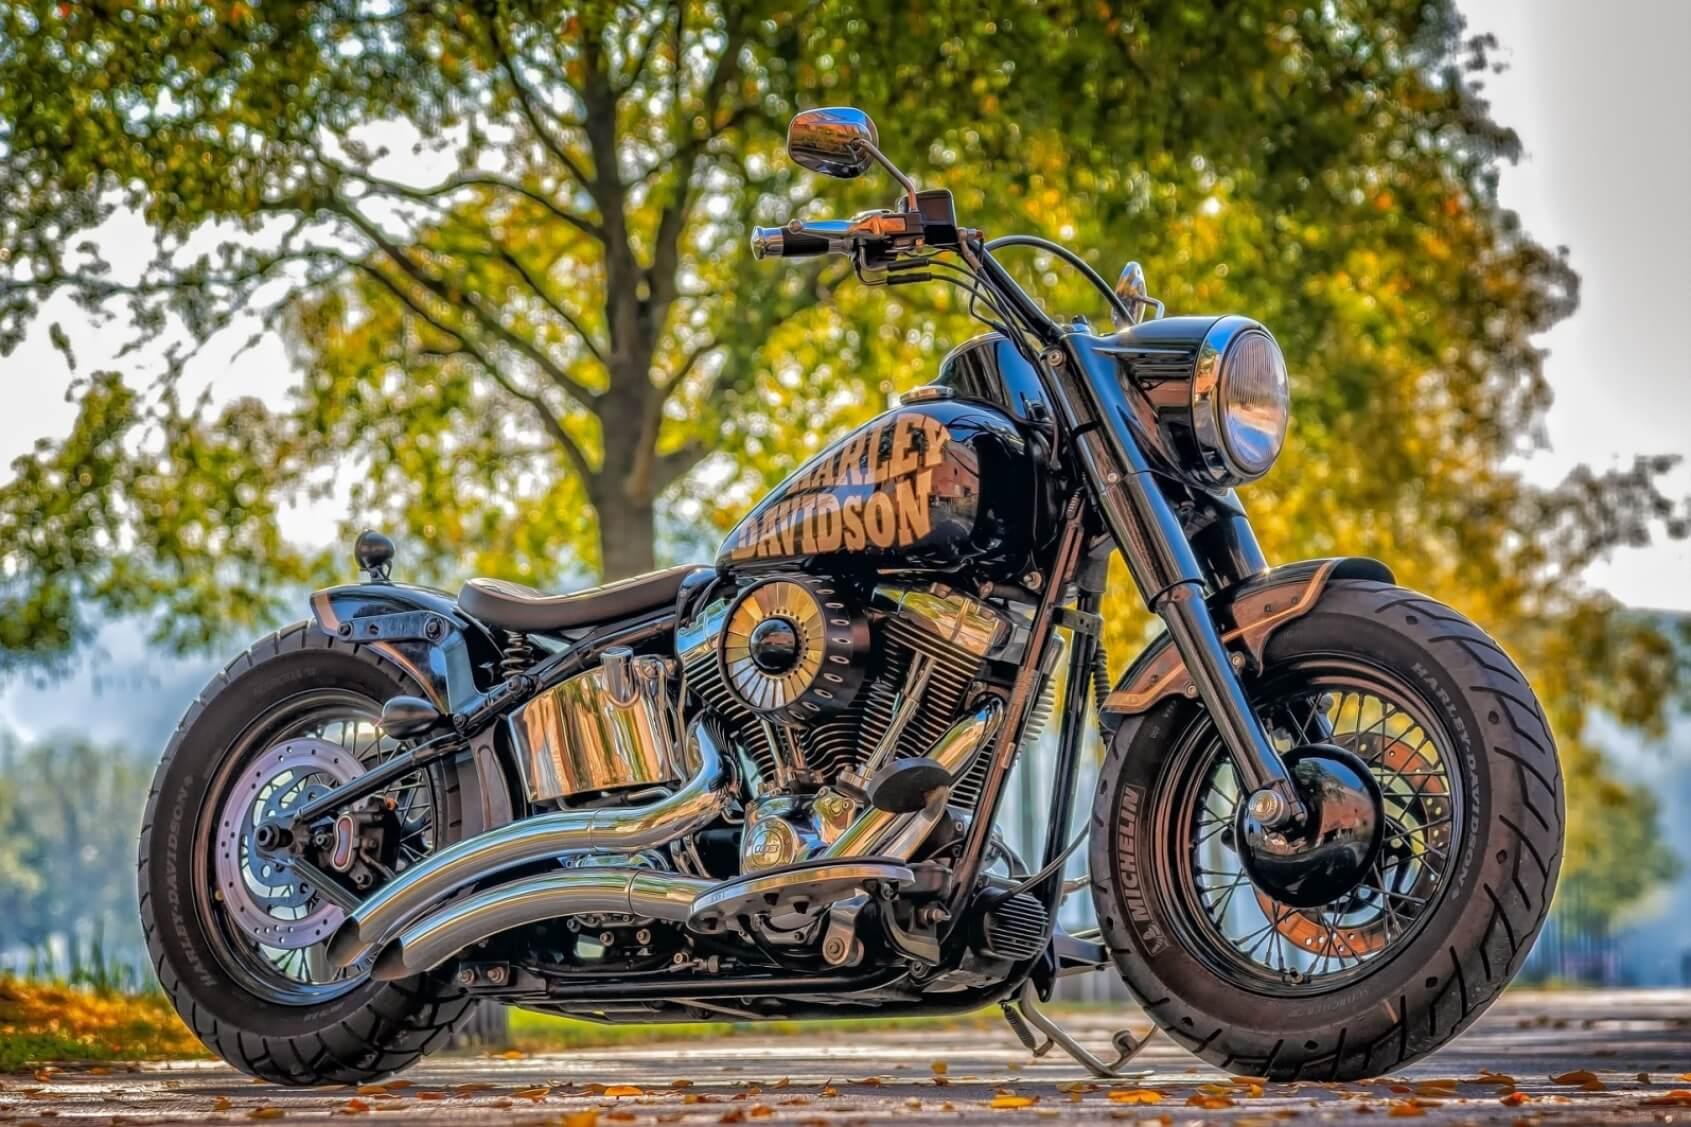 Harley Davidson Motorcycle - Original image